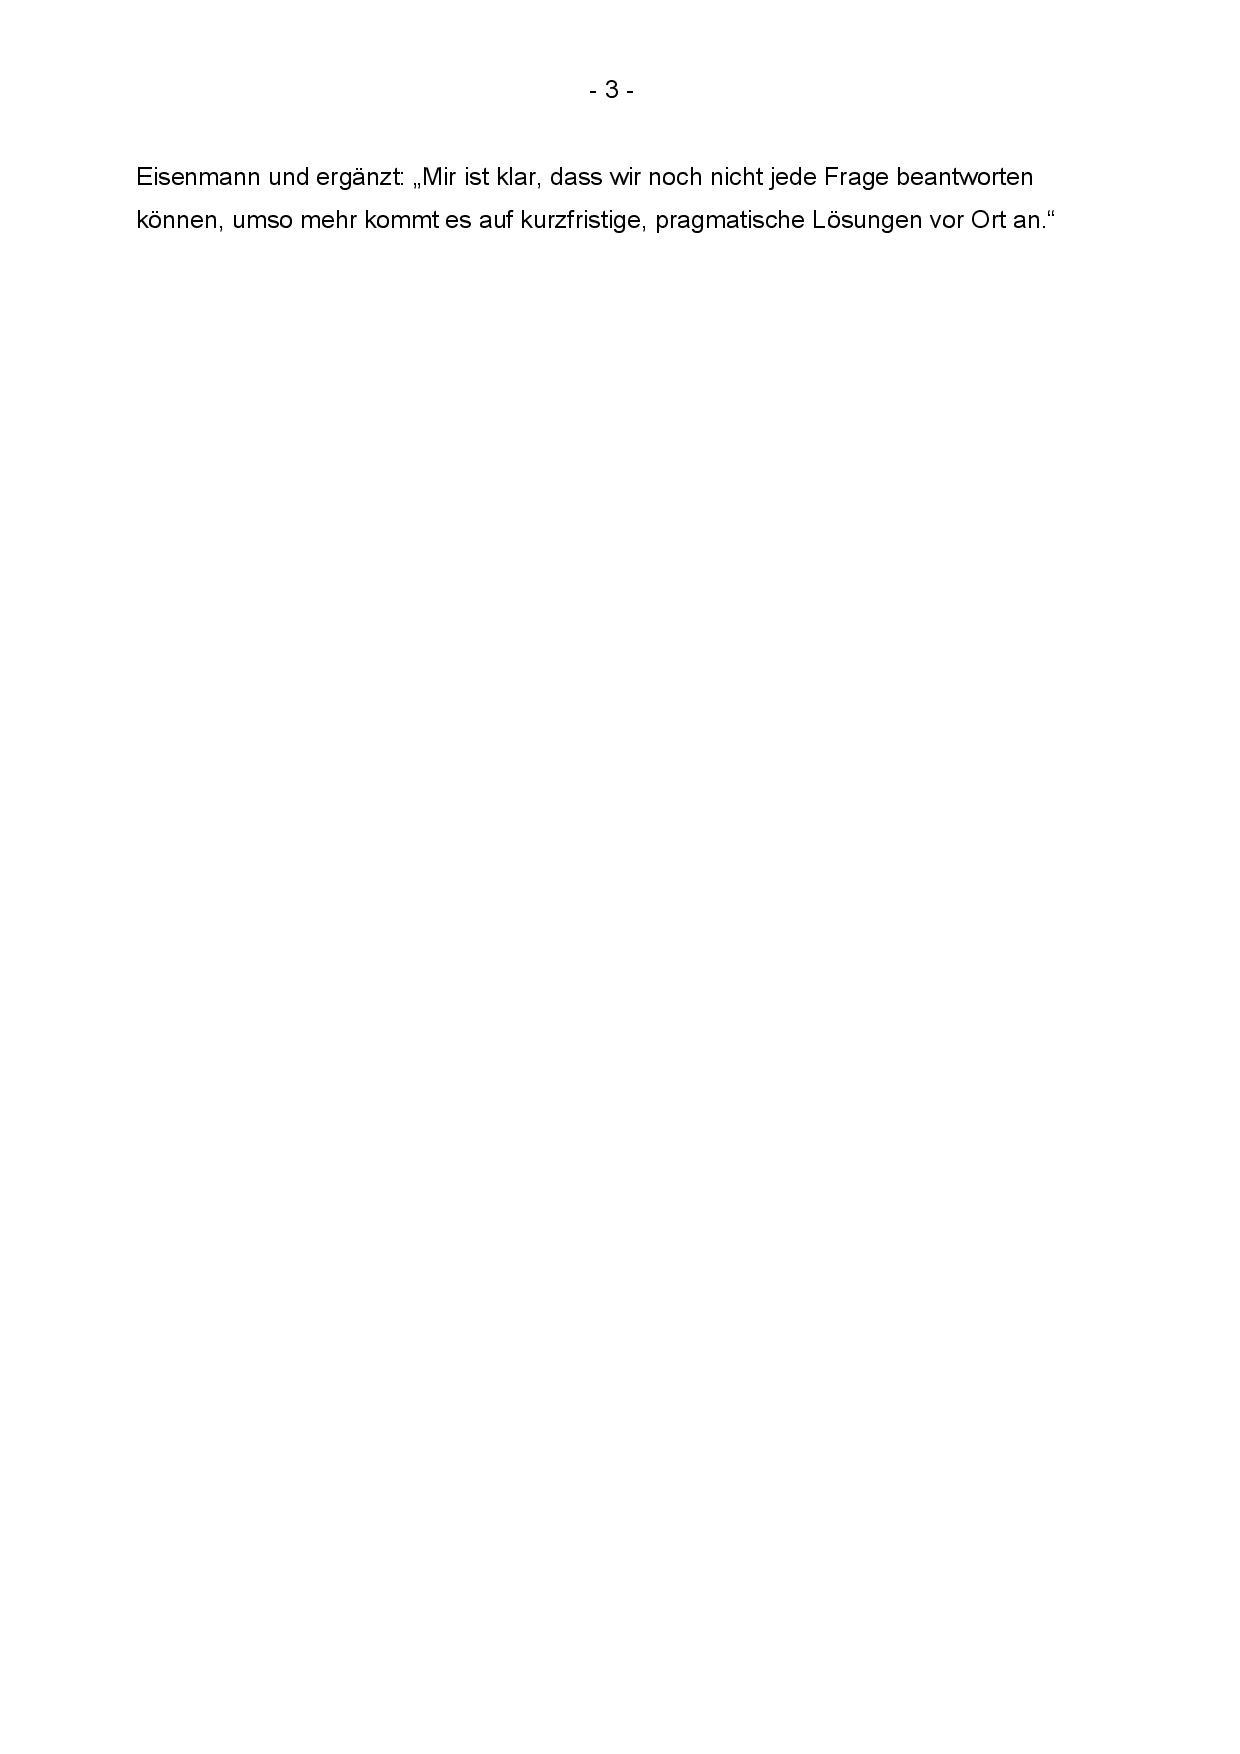 2020 03 13 Corona Schließungen Schulen Kitas Tagespflege-003